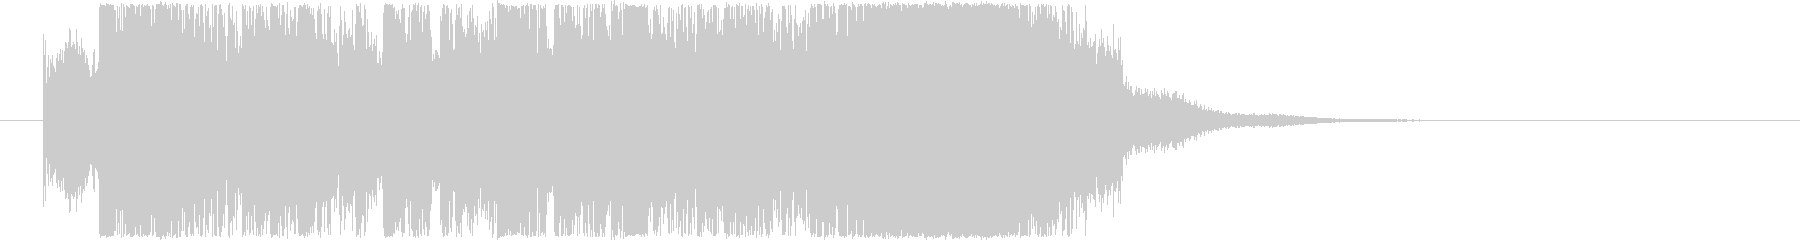 シンセをメインにした緊張感のあるジングルの未再生の波形